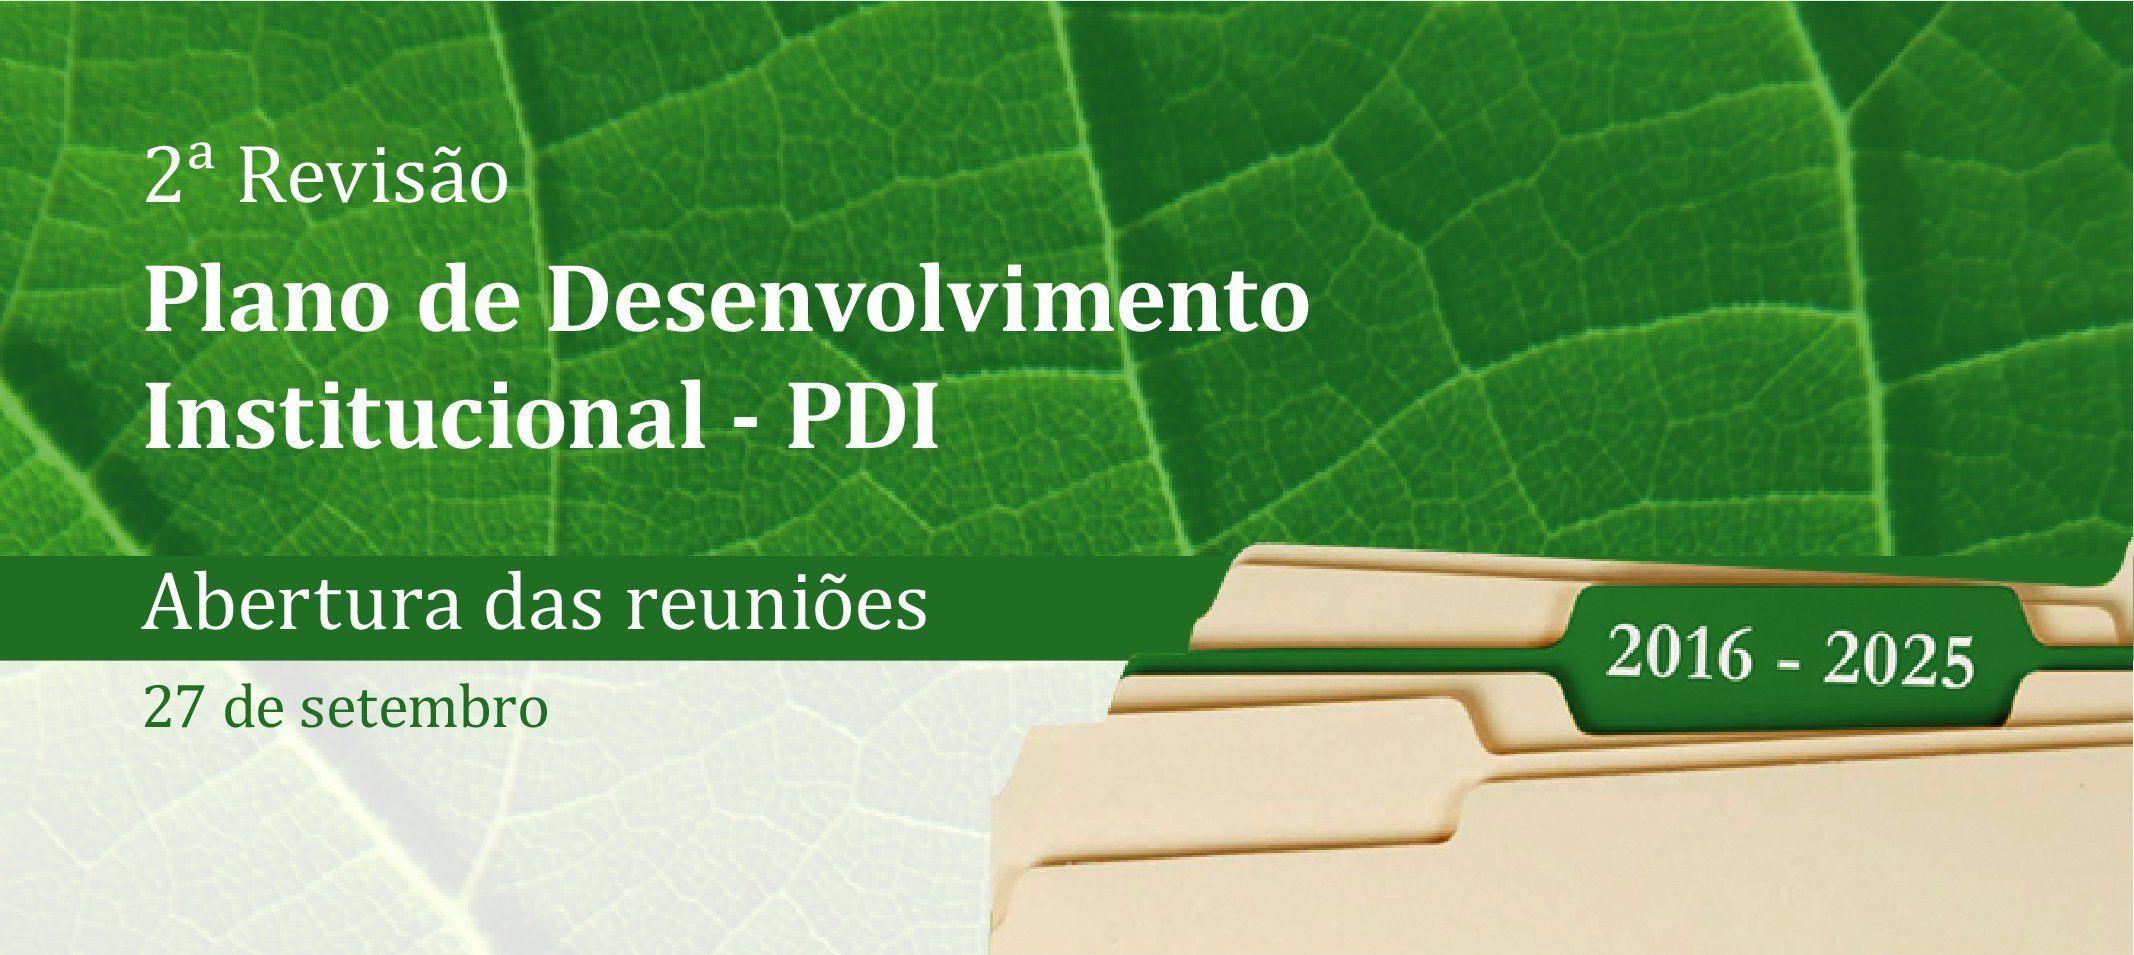 II Revisão do Plano de Desenvolvimento Institucional (PDI) tem início dia 27 de setembro